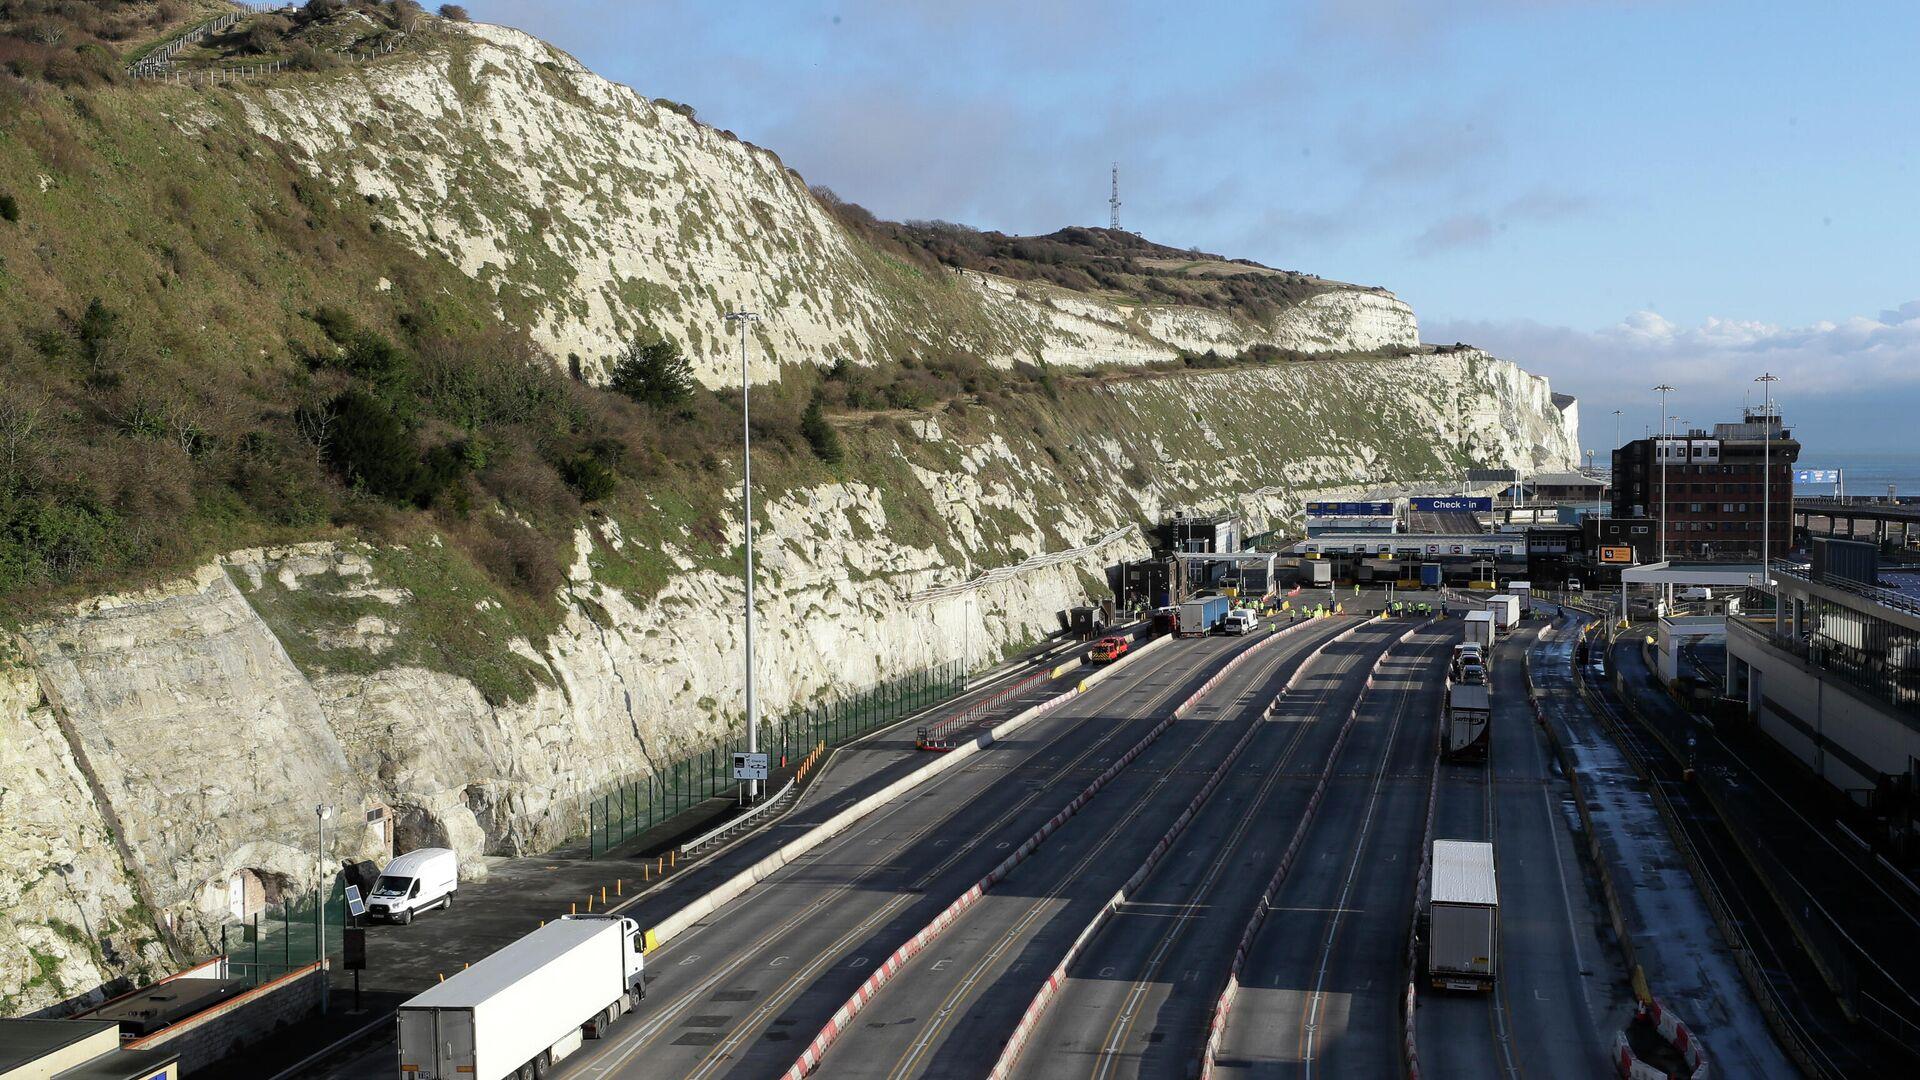 Stau von Lkws schwindet im britischen Dover am Ärmelkanal langsam - SNA, 1920, 26.05.2021